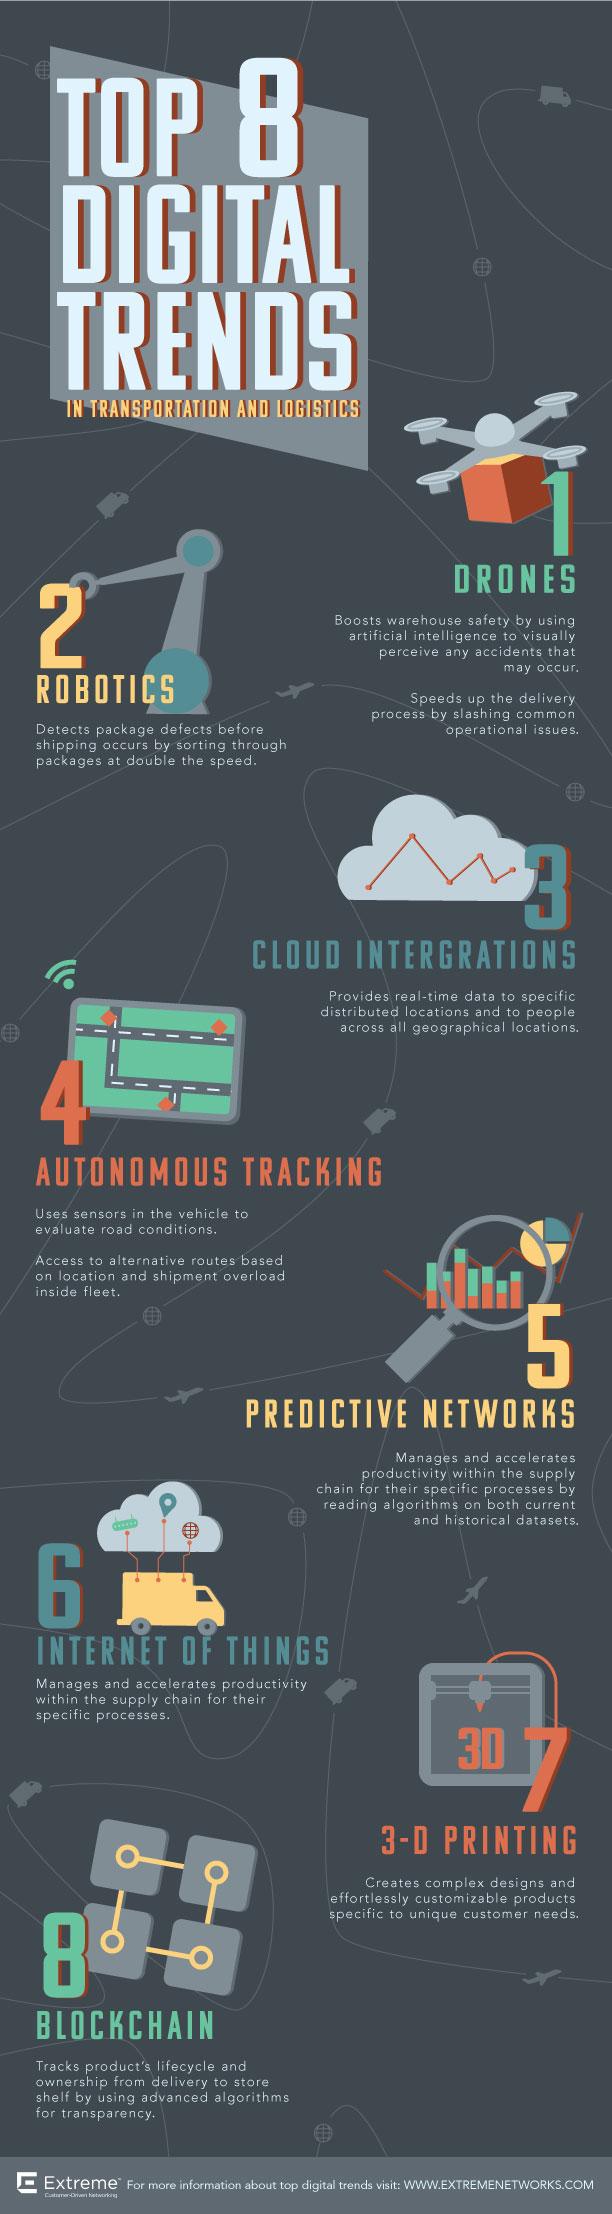 Top 8 Digital Trends in transportation and Logistics; drones, robotics, cloud, autonomous tracking, and more.